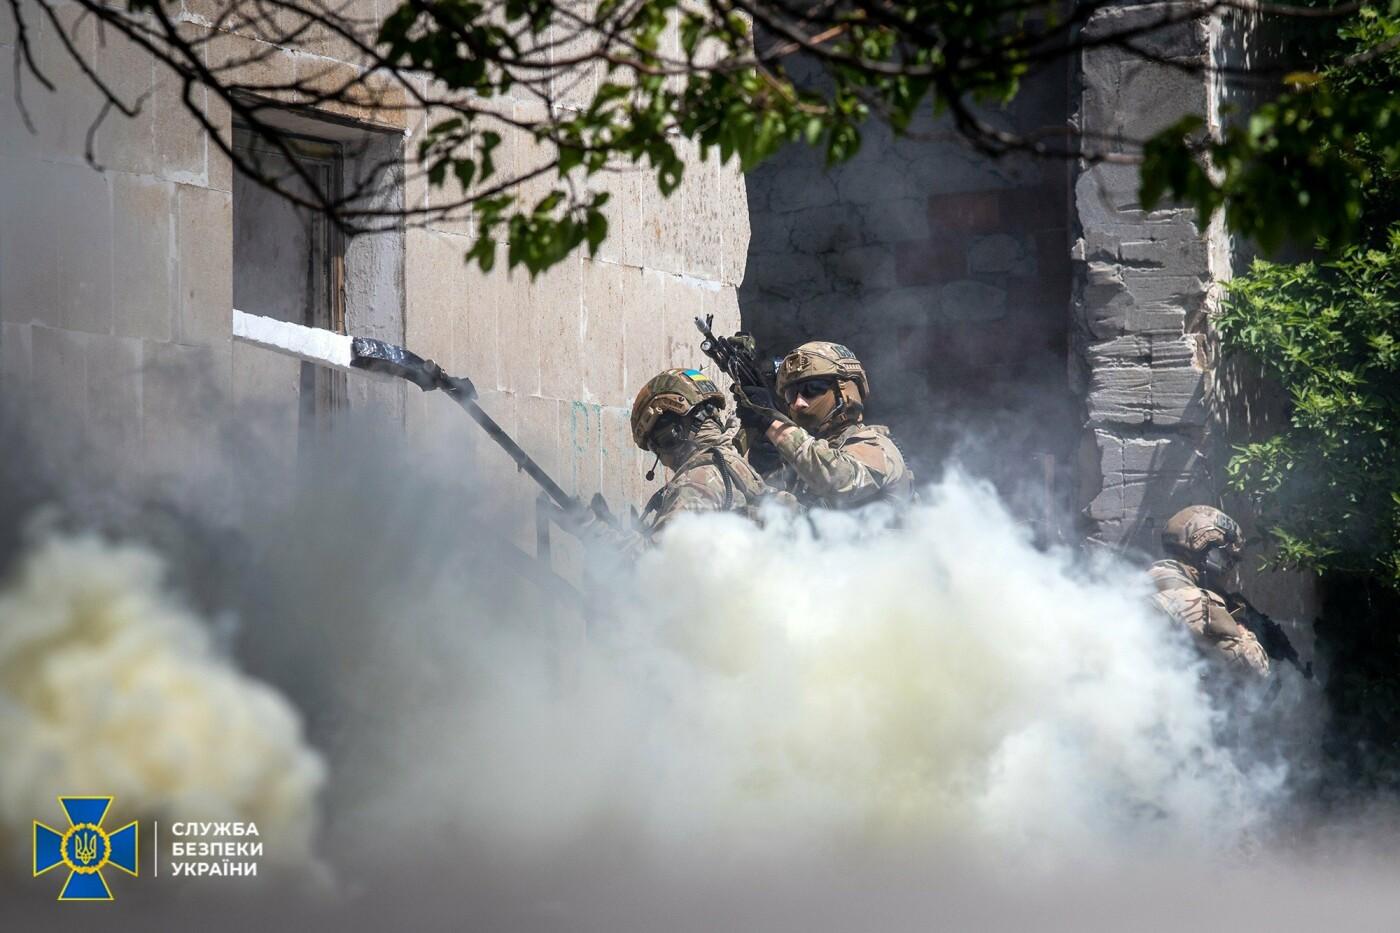 Украинские спецслужбы провели учения вблизи линии разграничения на Донбассе, - ФОТО, фото-10